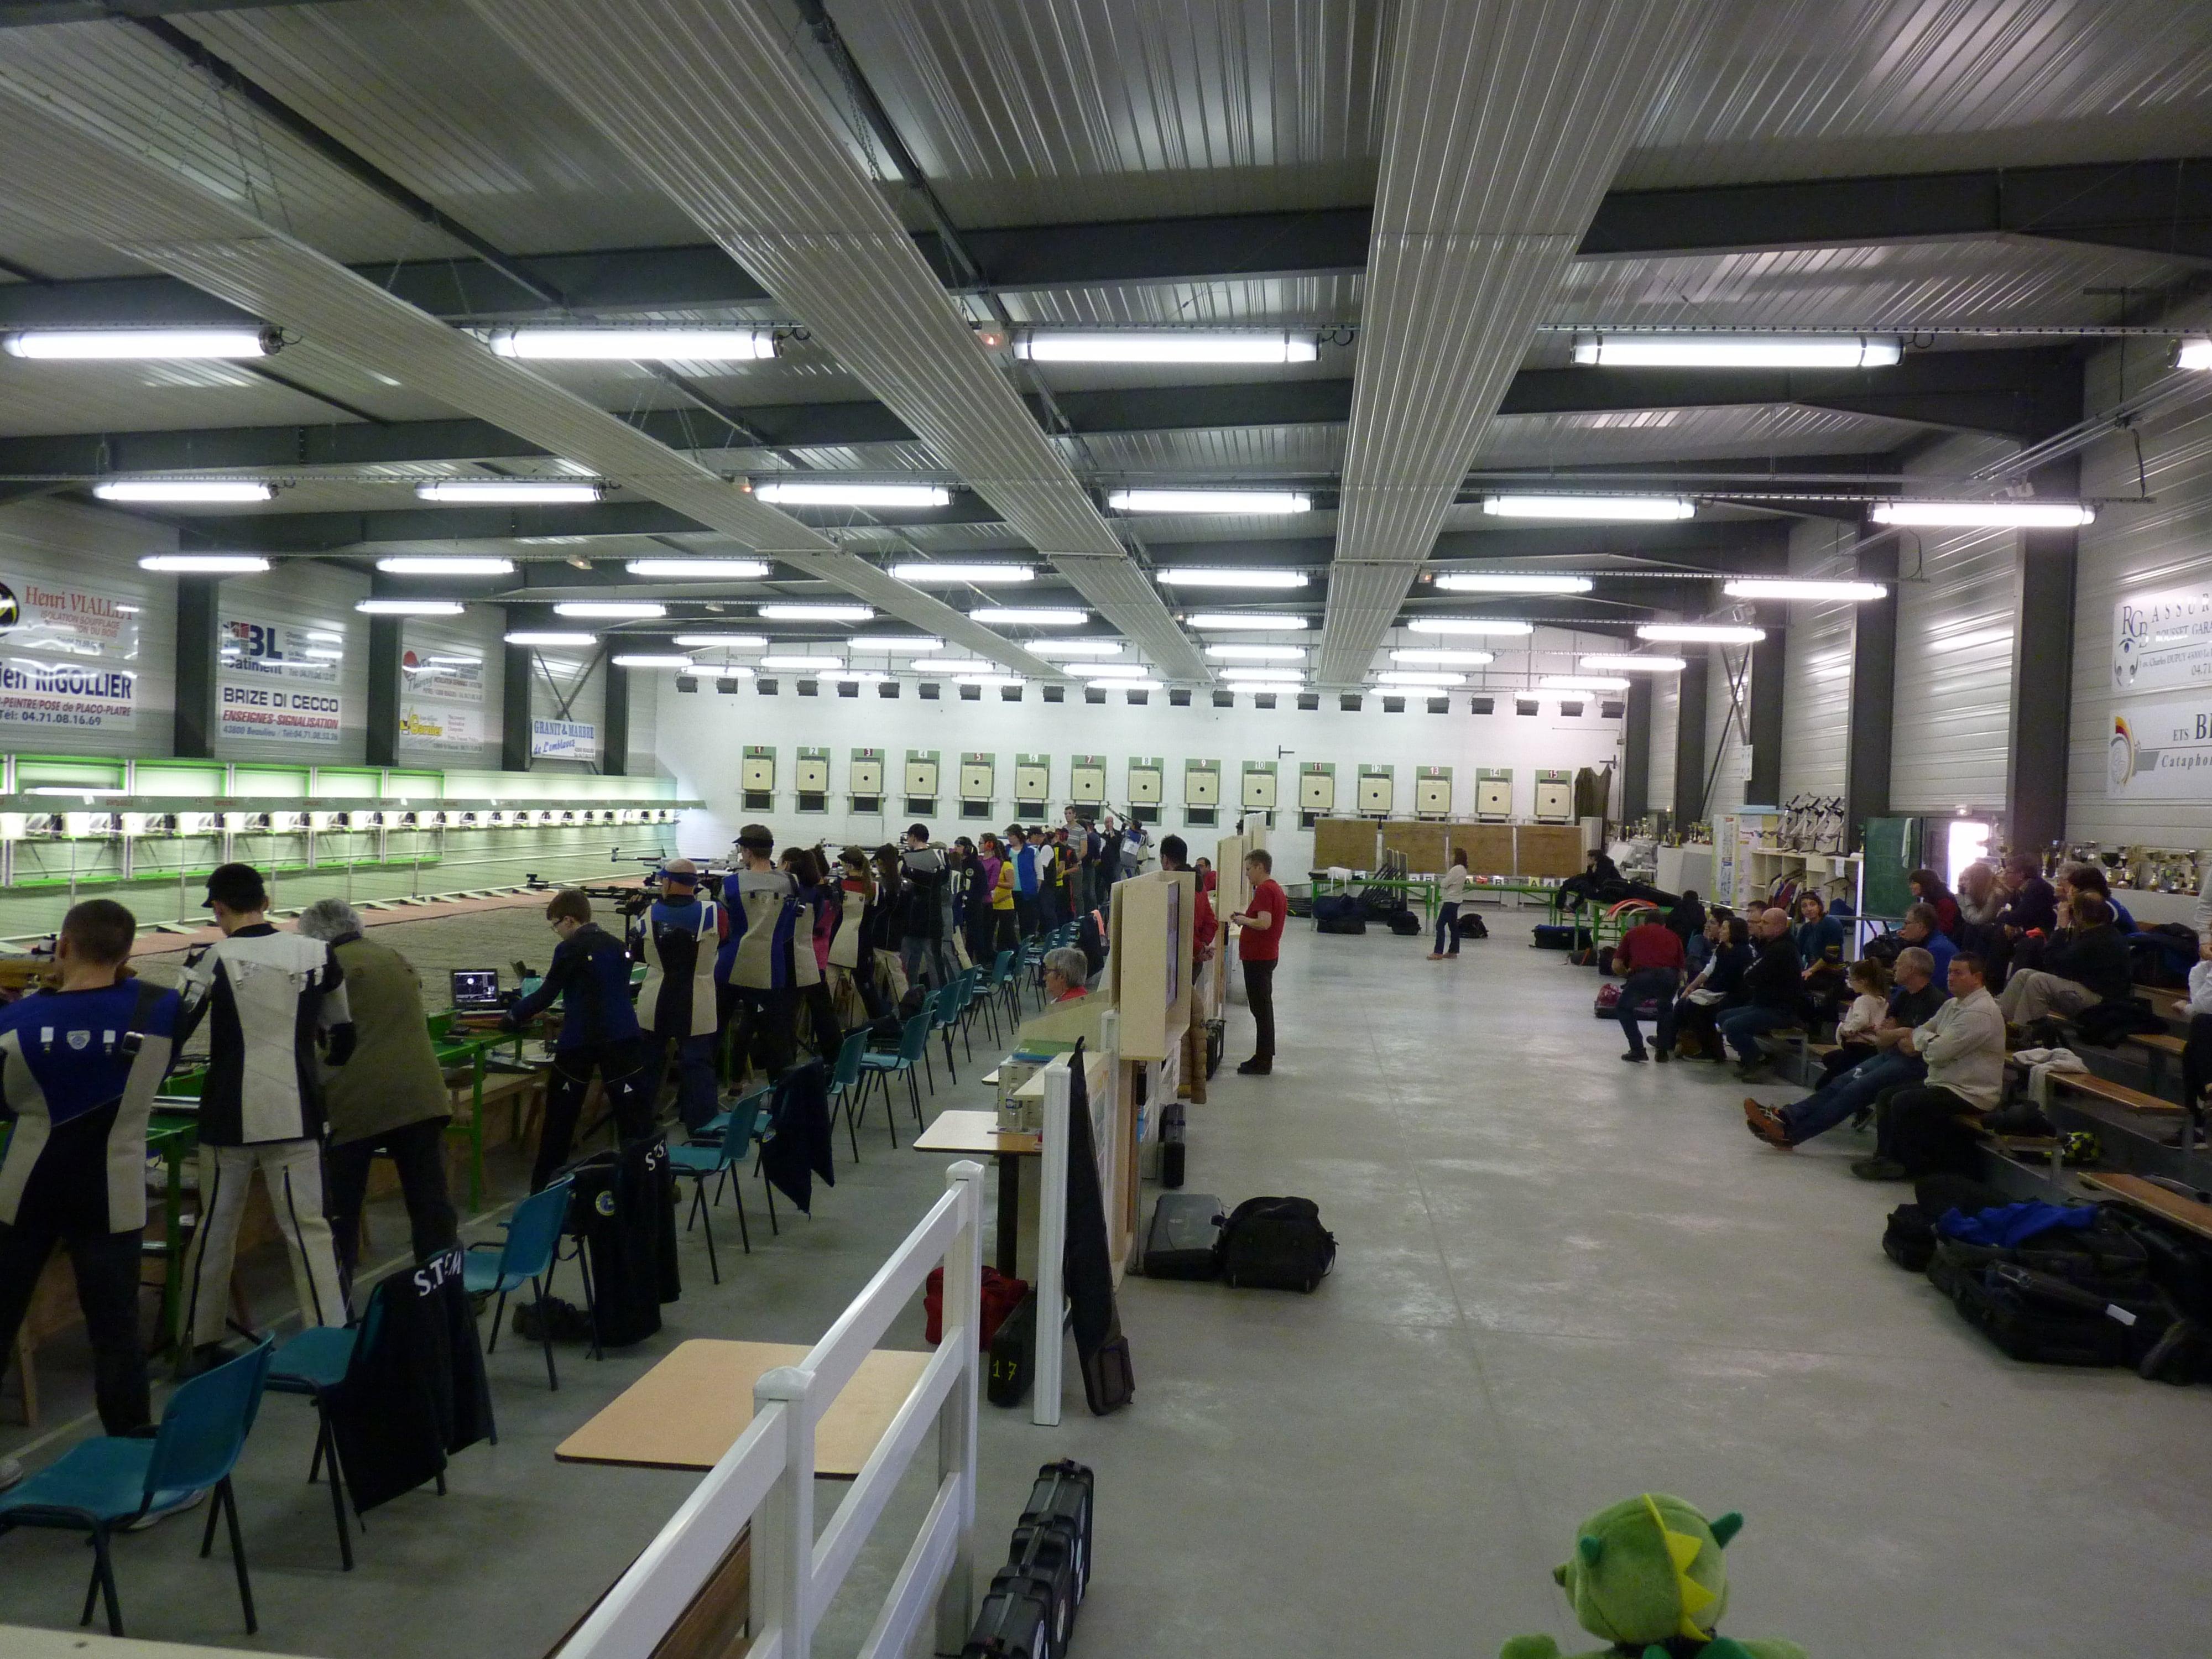 10m 2 - Stand indoor